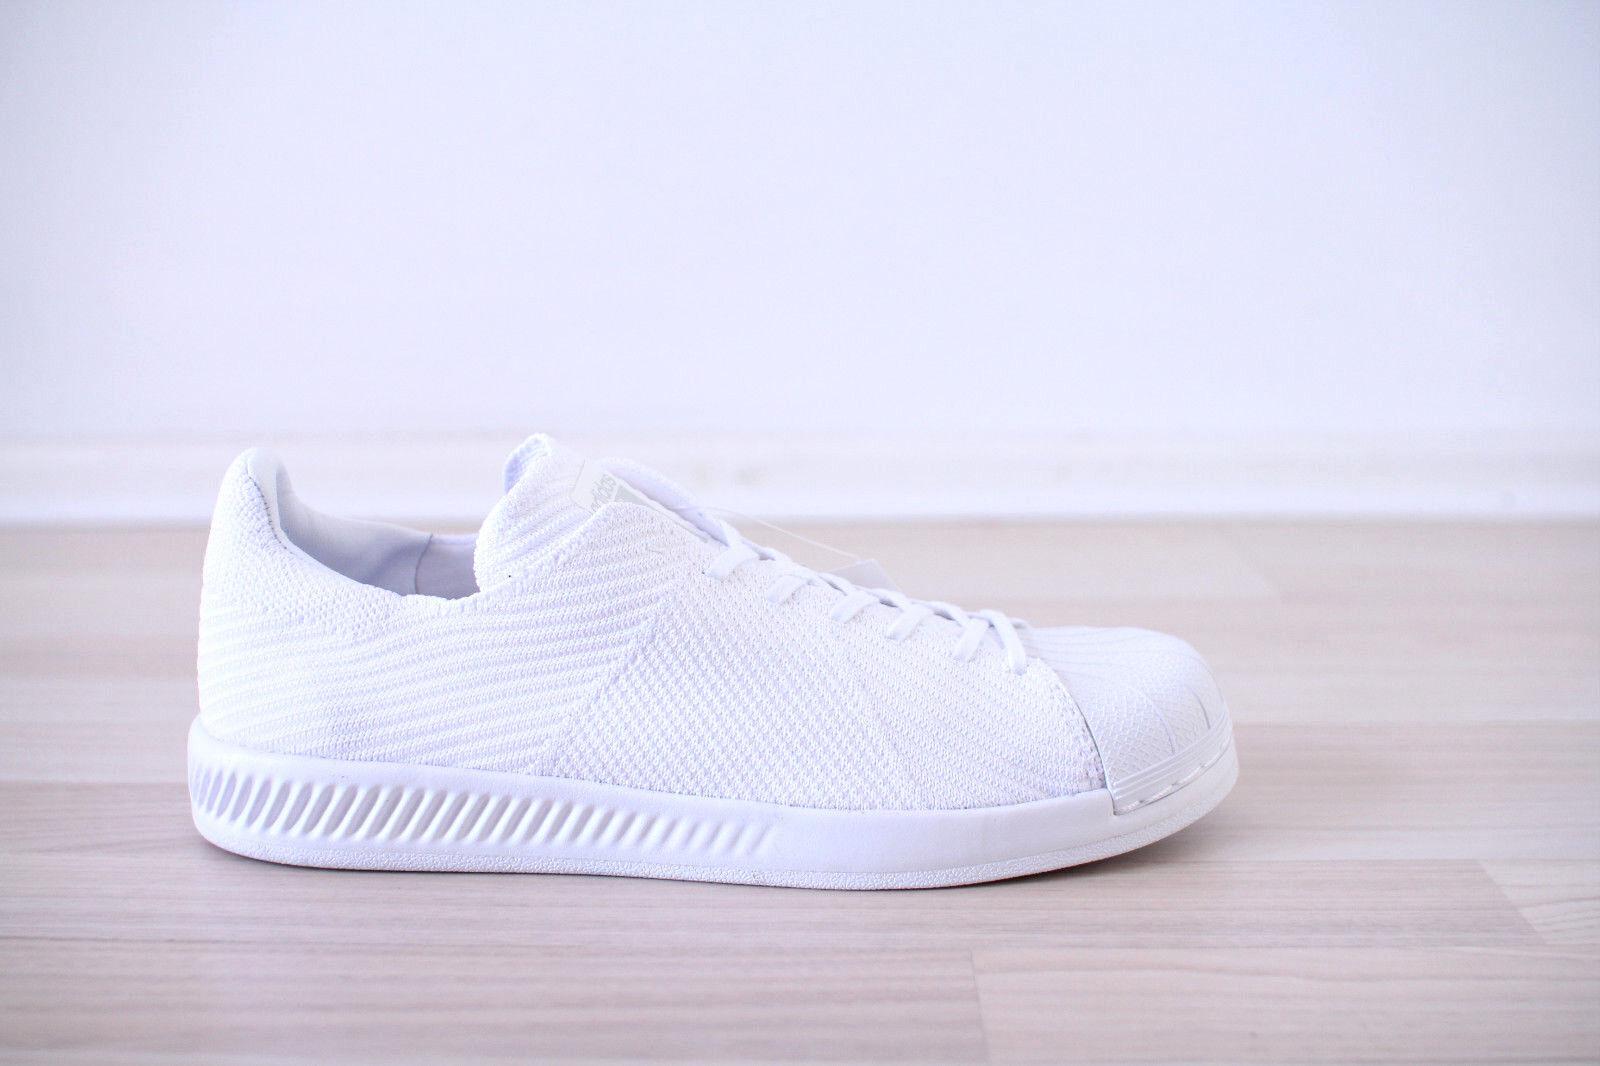 Adidas Superstar Bounce PK Weiß Gr. 42,43,44,45,46,47,48 NEU & OVP